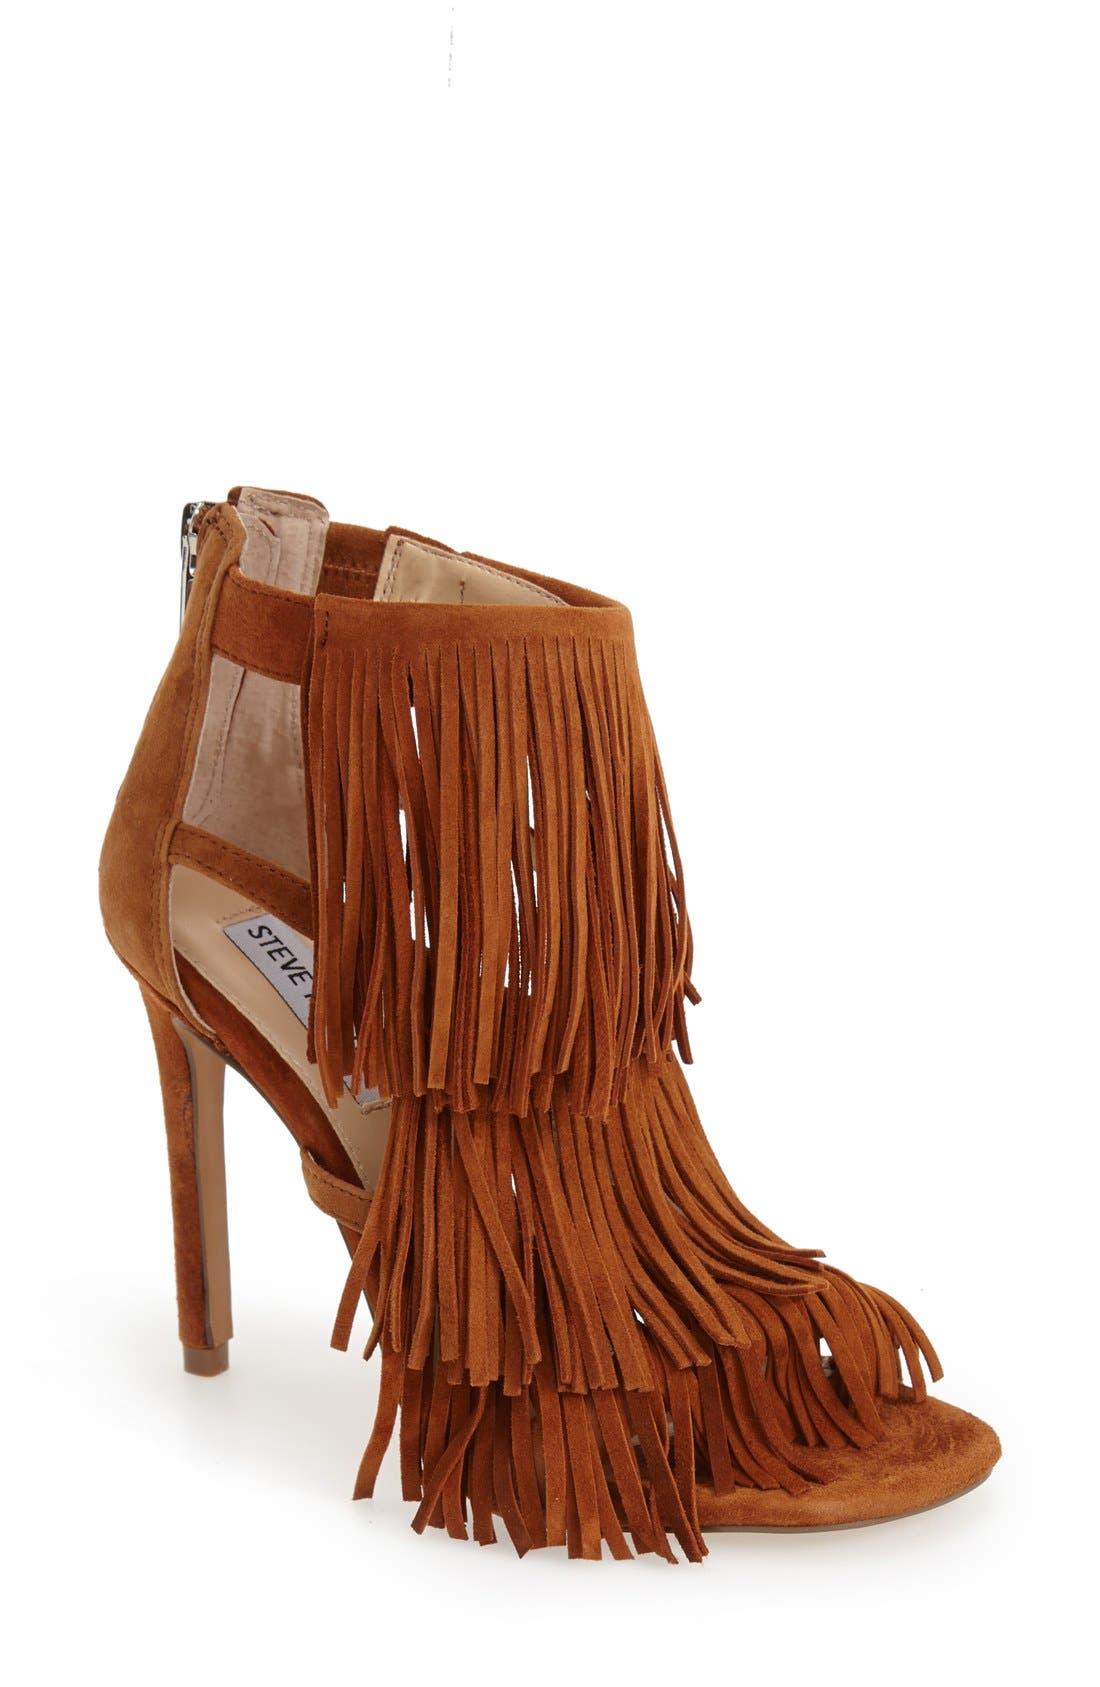 Main Image - Steve Madden 'Fringly' Sandal (Women)